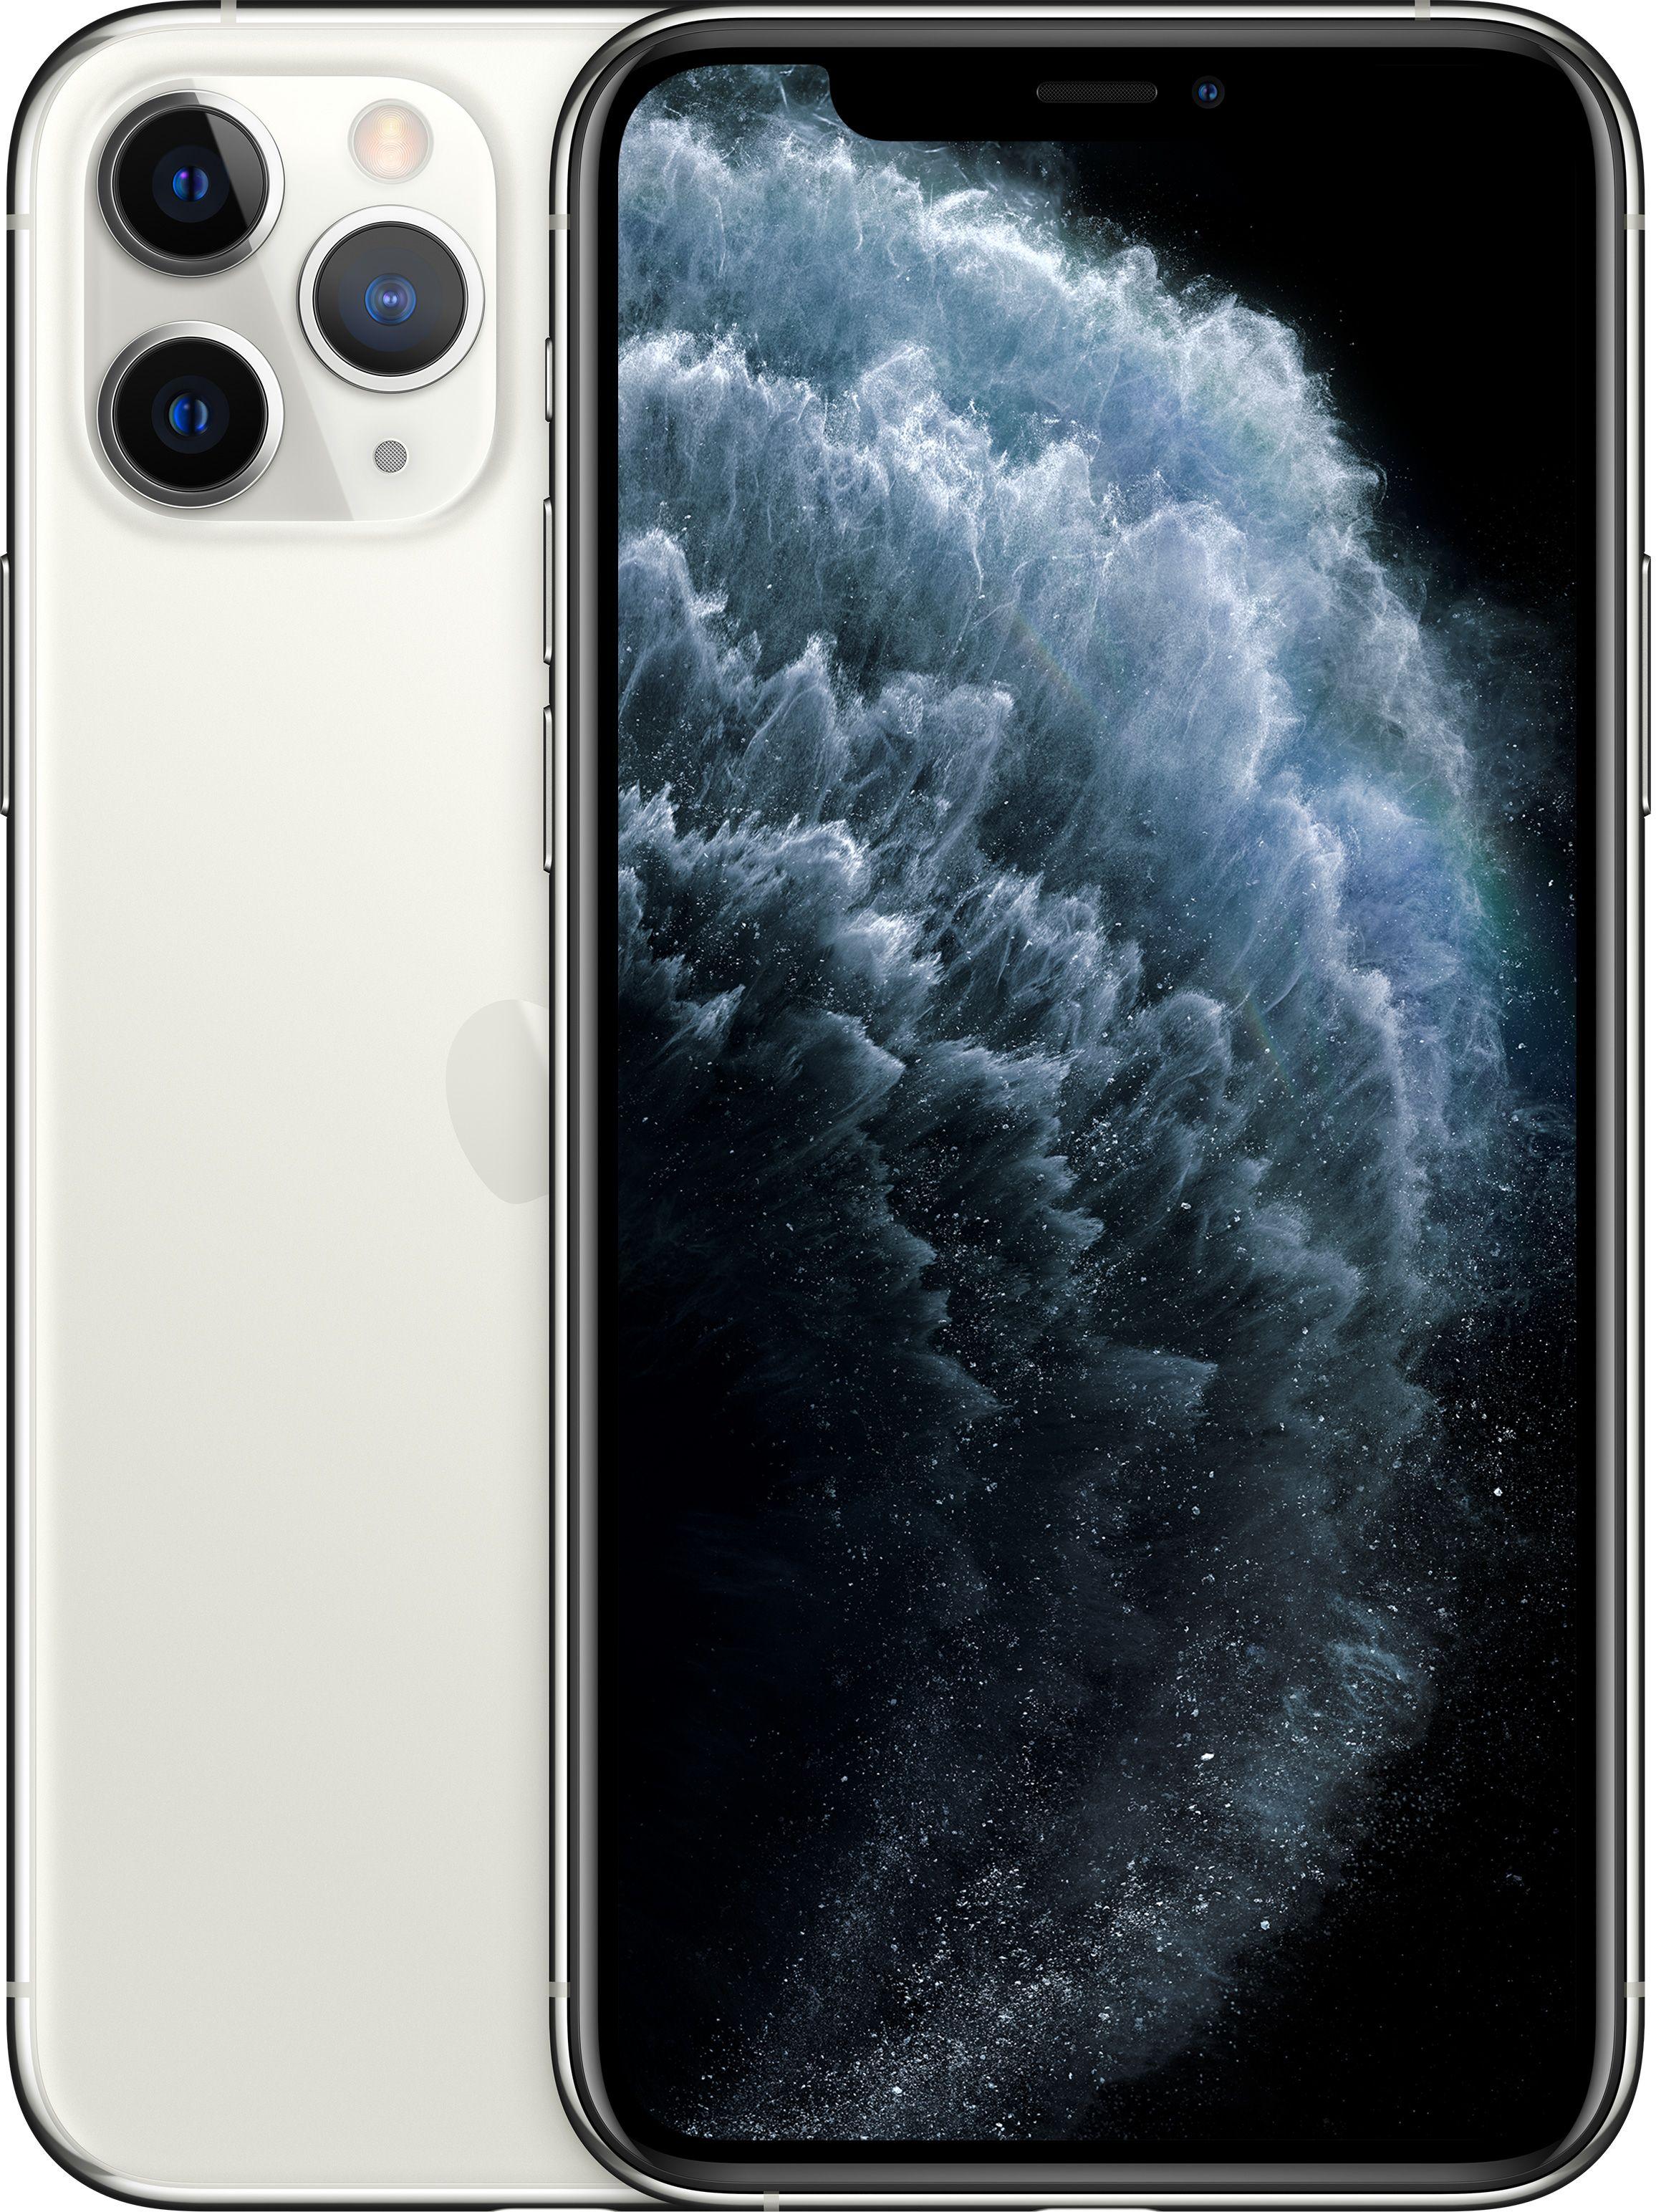 Мобильный телефон Apple iPhone 11 Pro 512GB (серебристый) фото